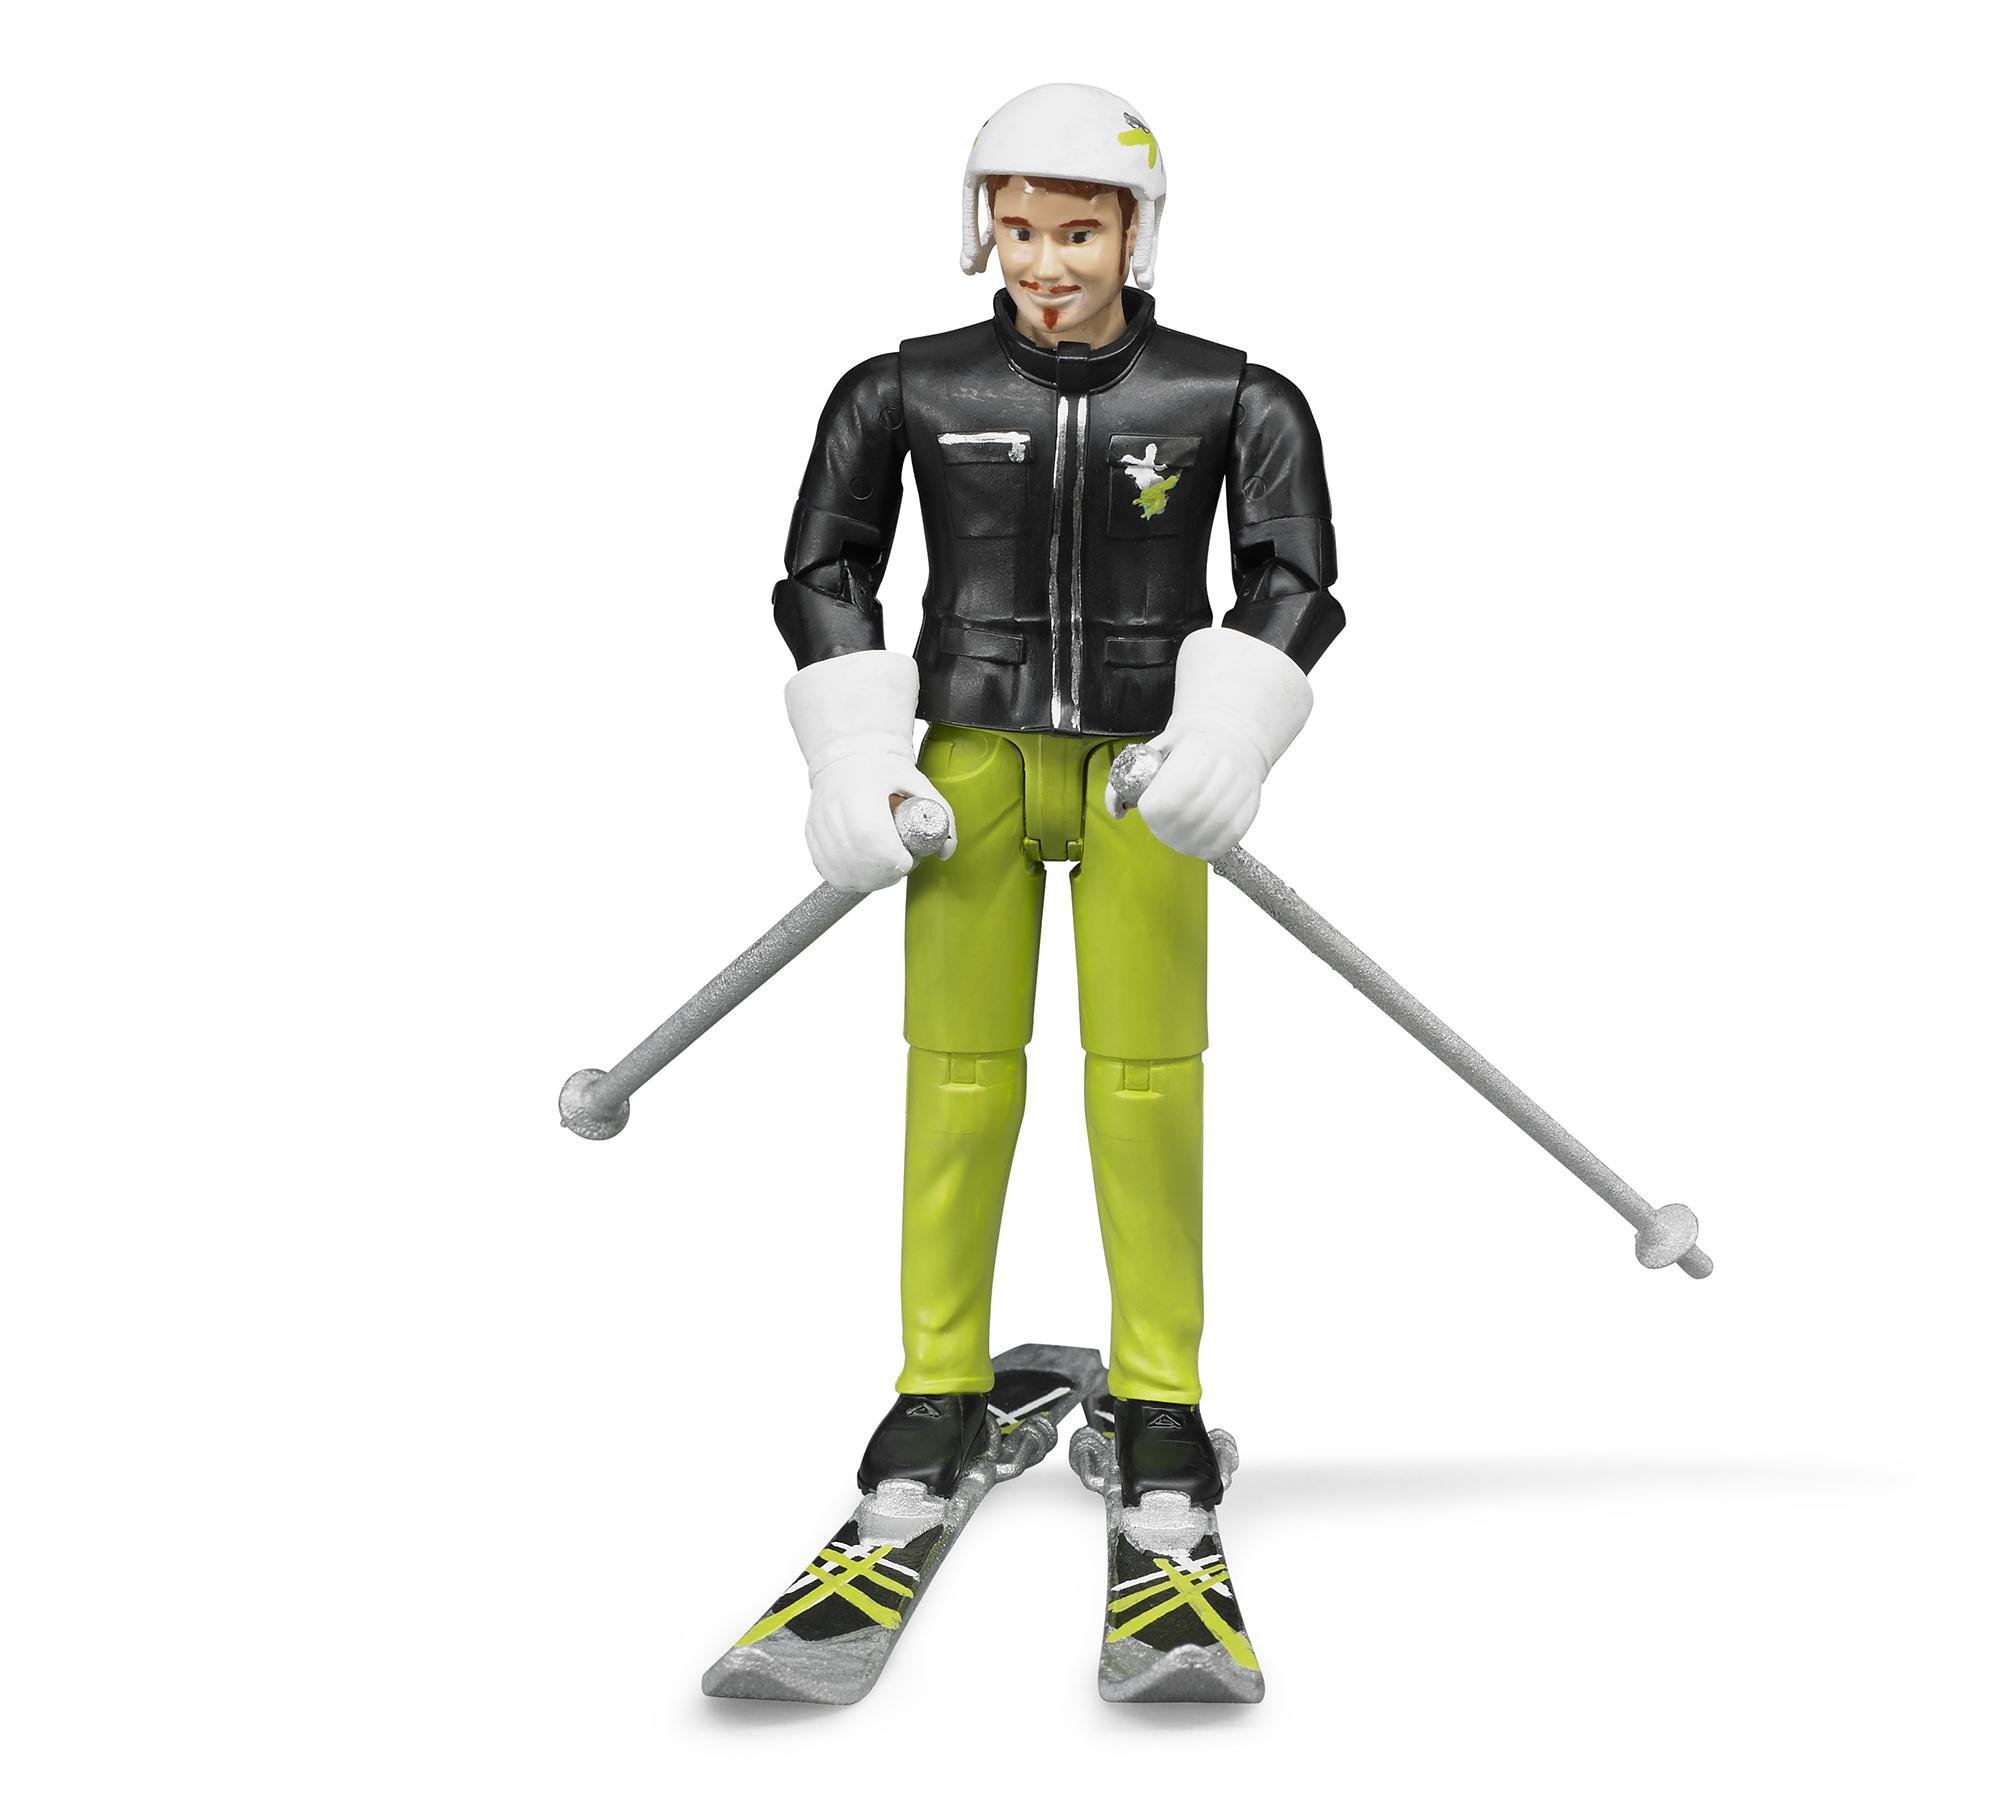 Bruder. Фигурка лыжника с аксессуарами по цене 1 111